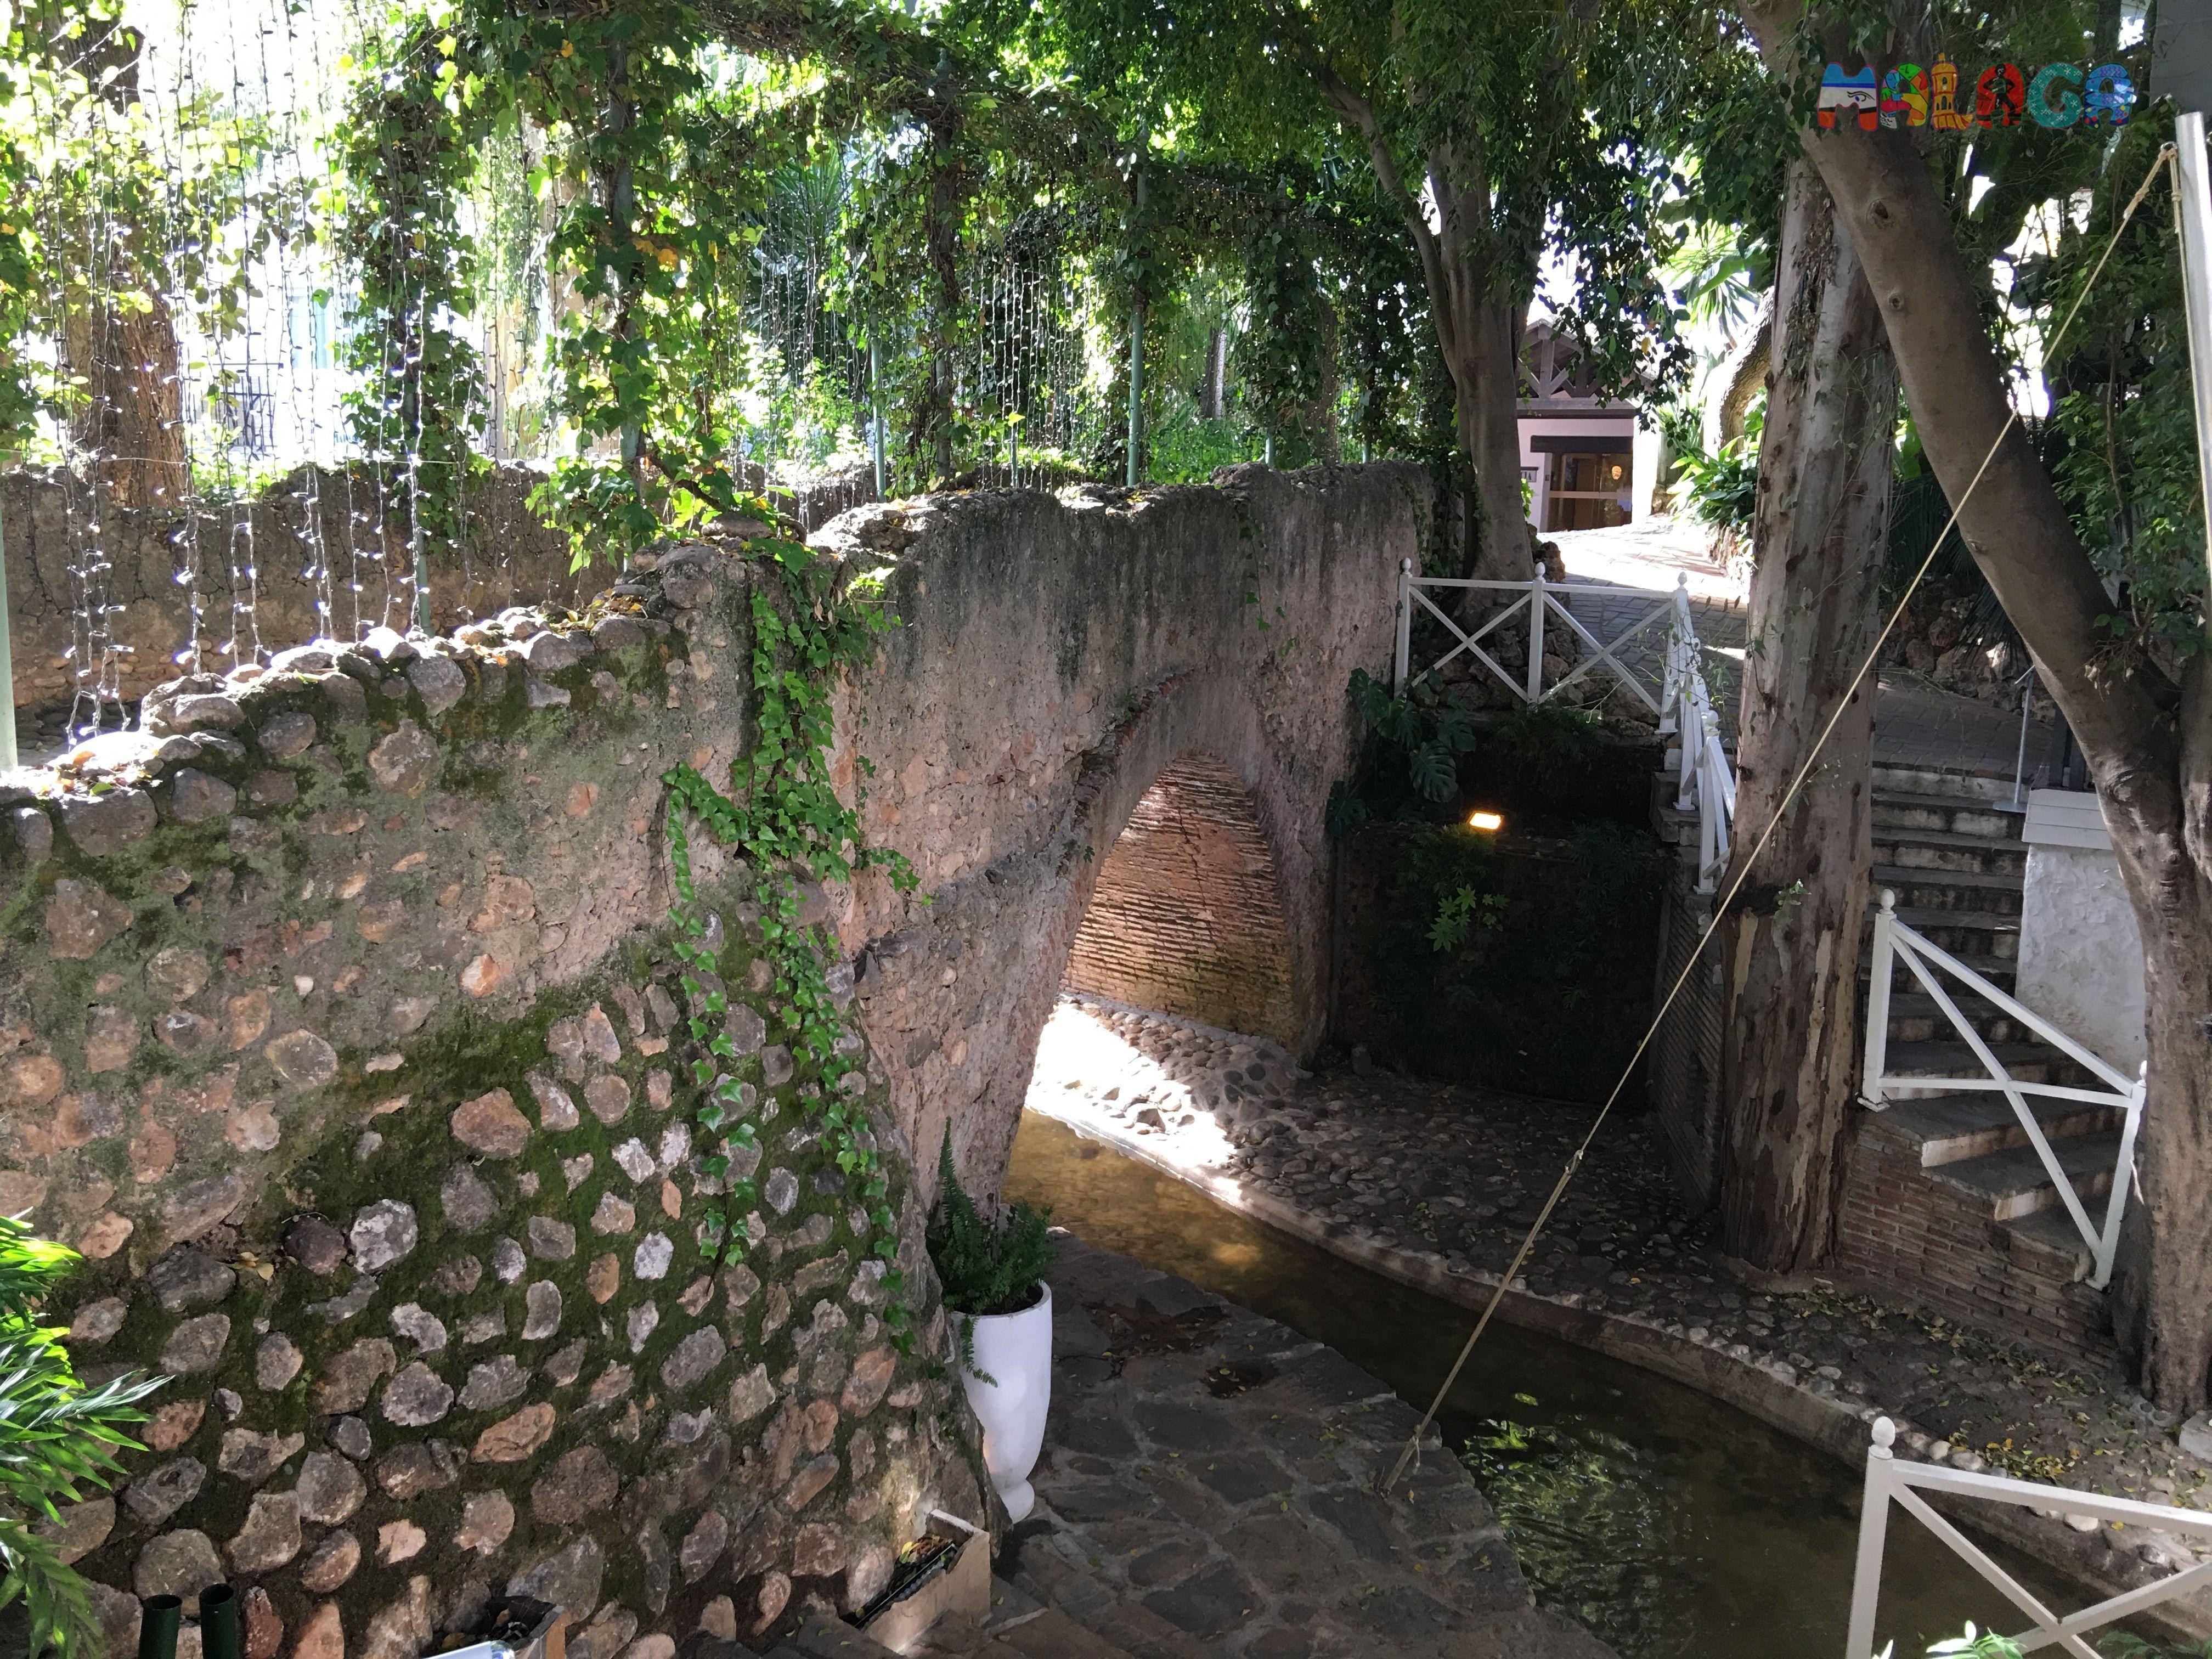 Puente-romano-marbella3